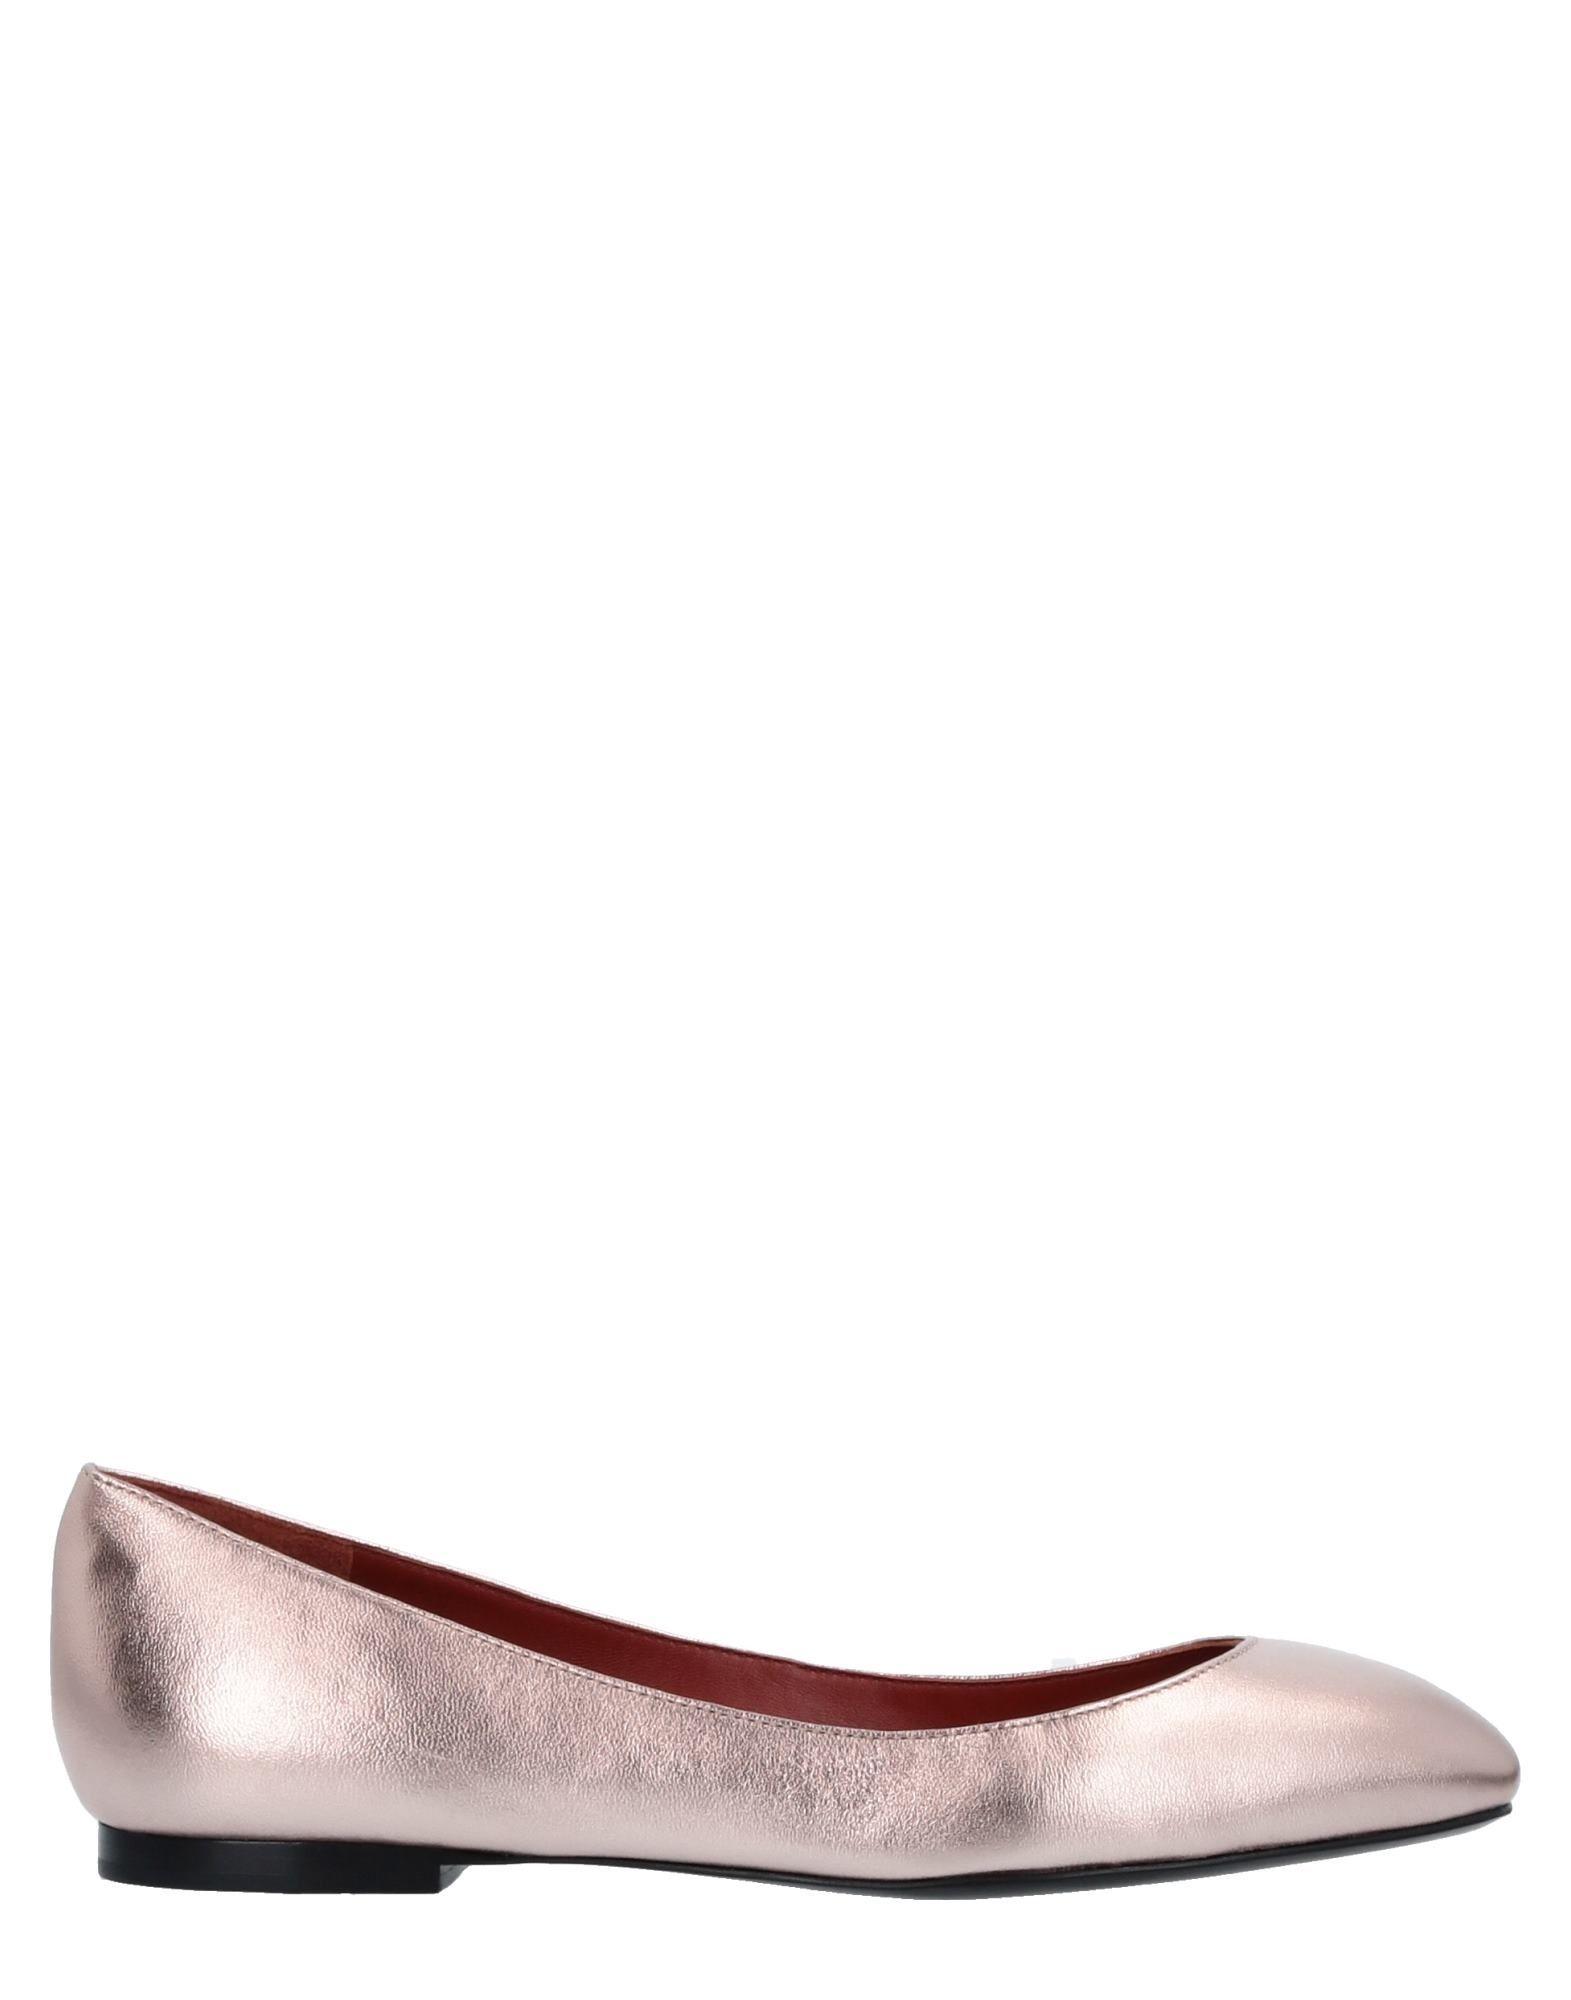 Stilvolle billige Schuhe 3.1 Phillip Lim Ballerinas Damen  11515423LI